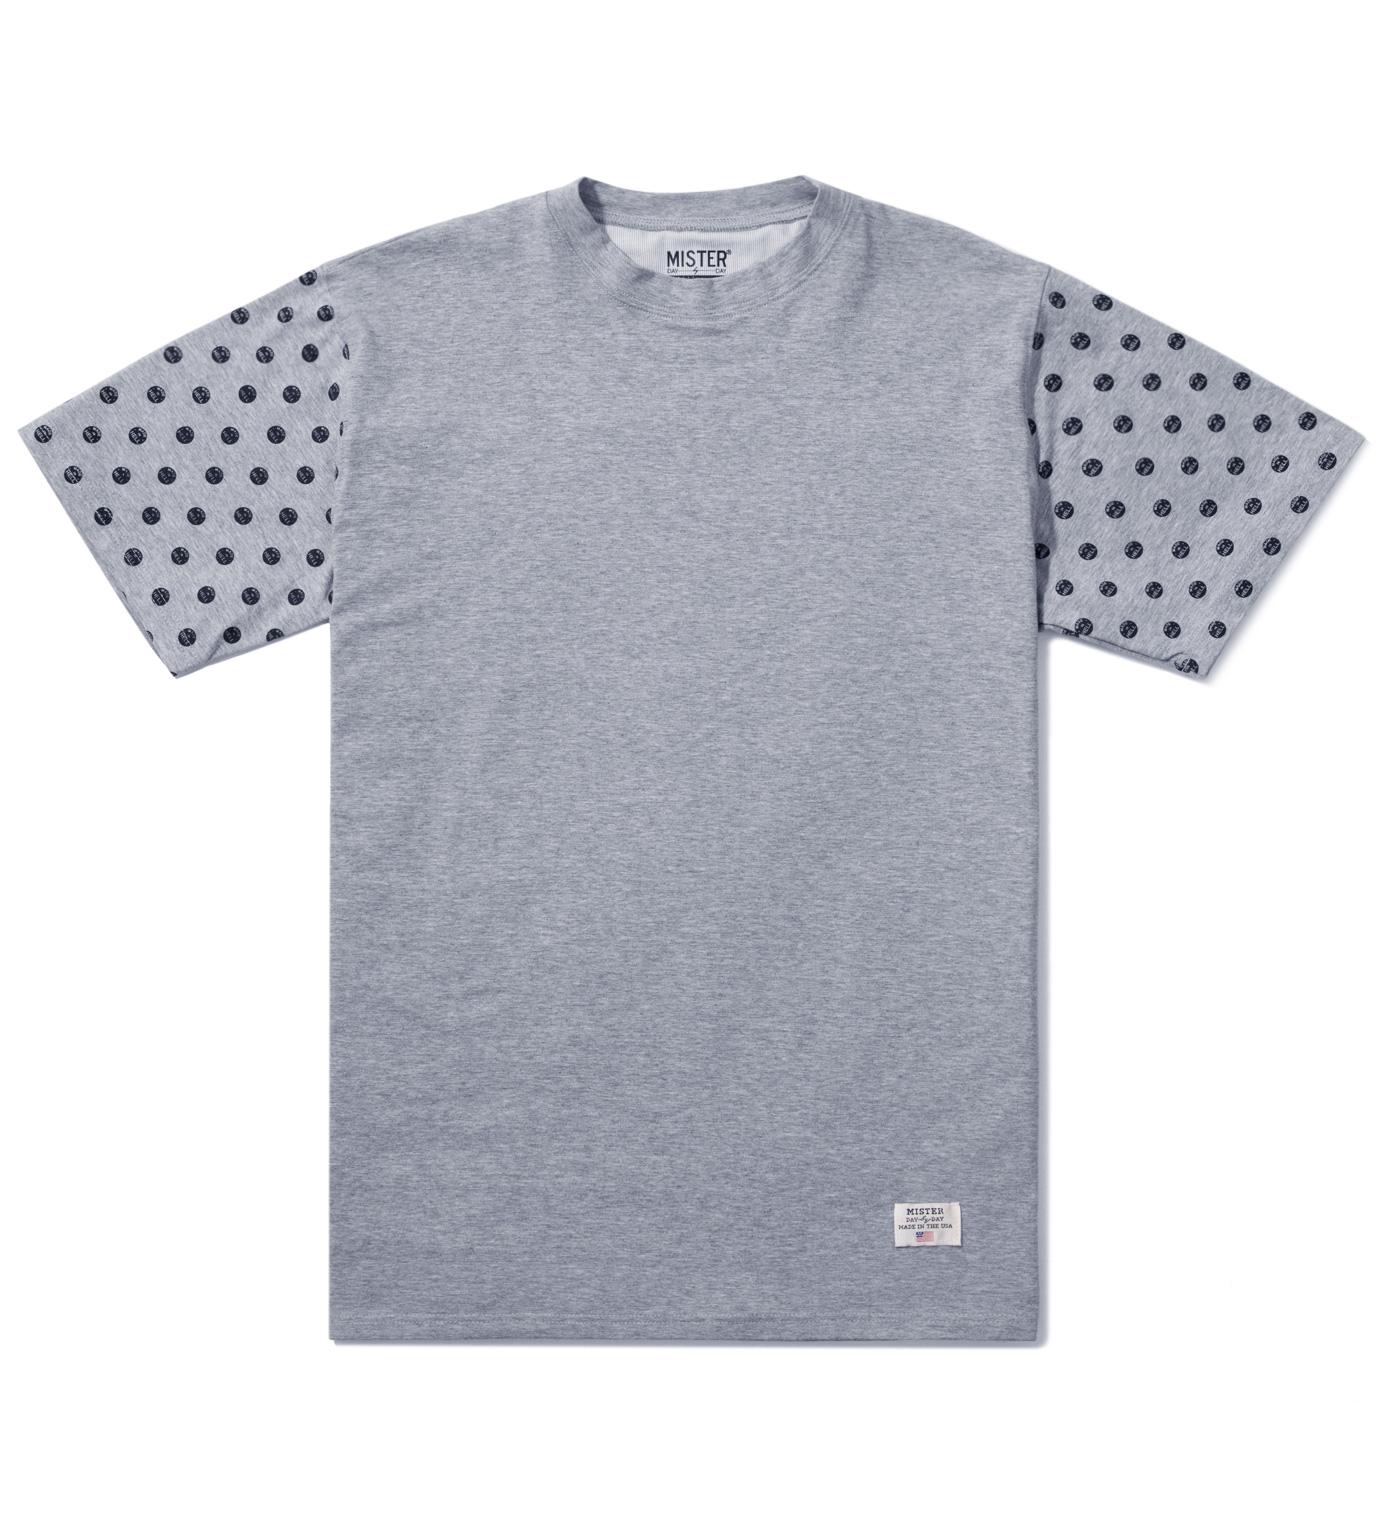 Mister Grey/Black Print Mr. Dots Immediate T-Shirt